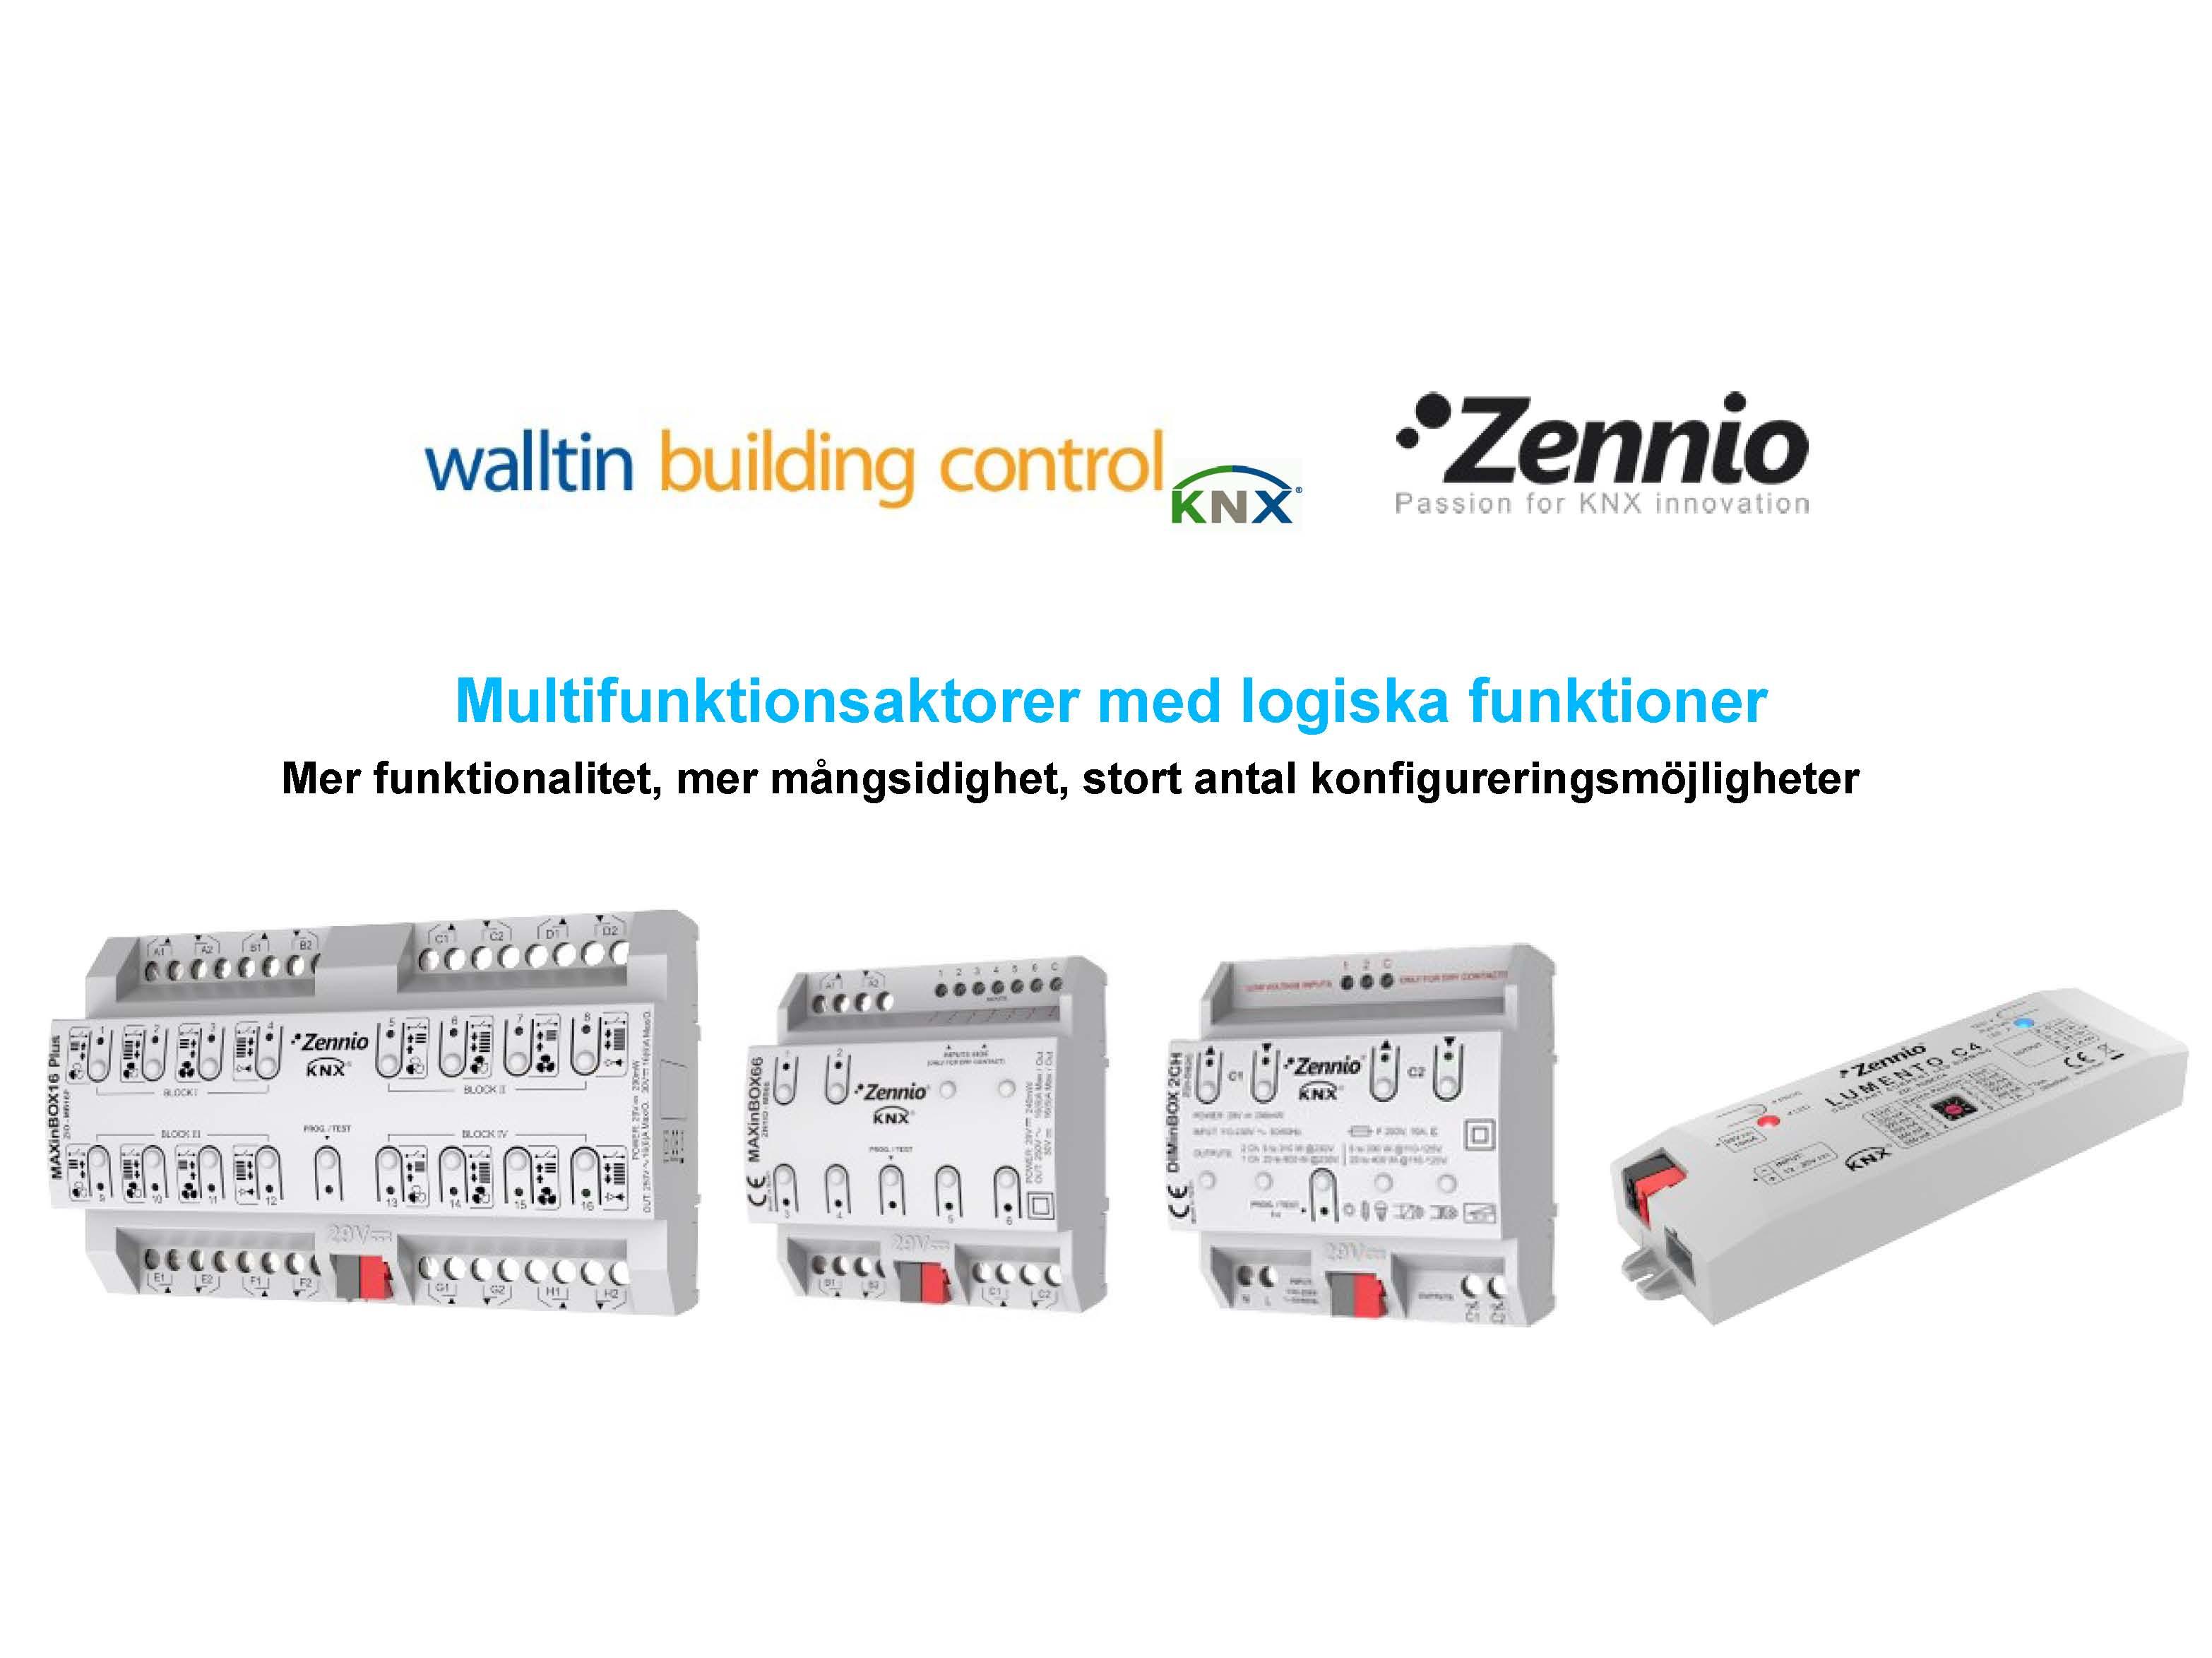 Zennio Multifunktionsaktorer med logiska funktioner.